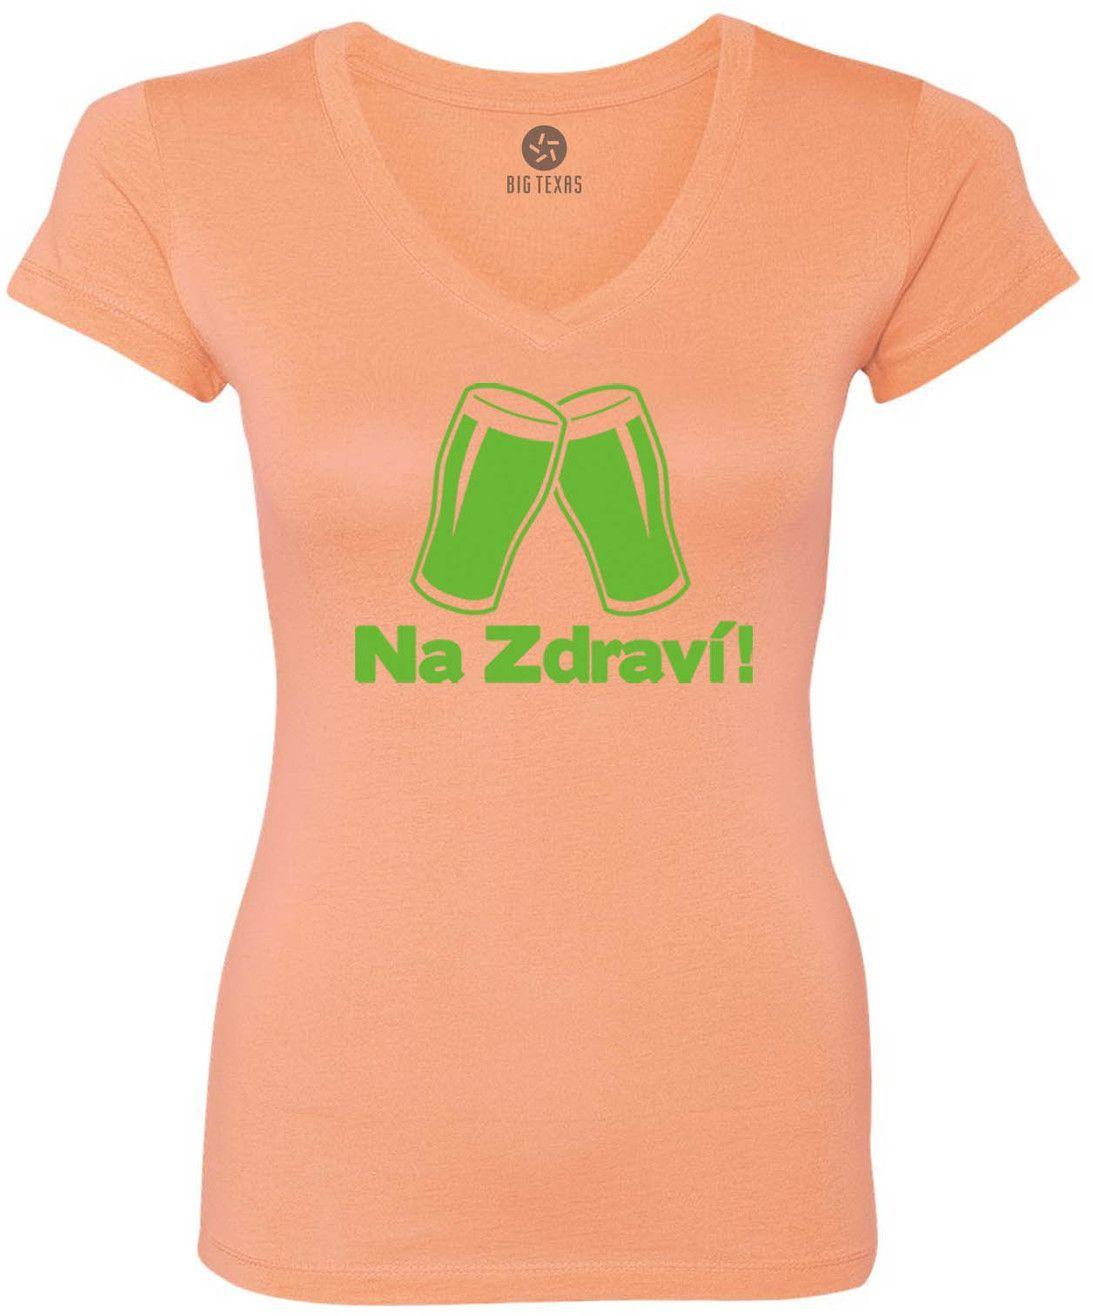 Czech Cheers (Green) Women's Short-Sleeve V-Neck T-Shirt